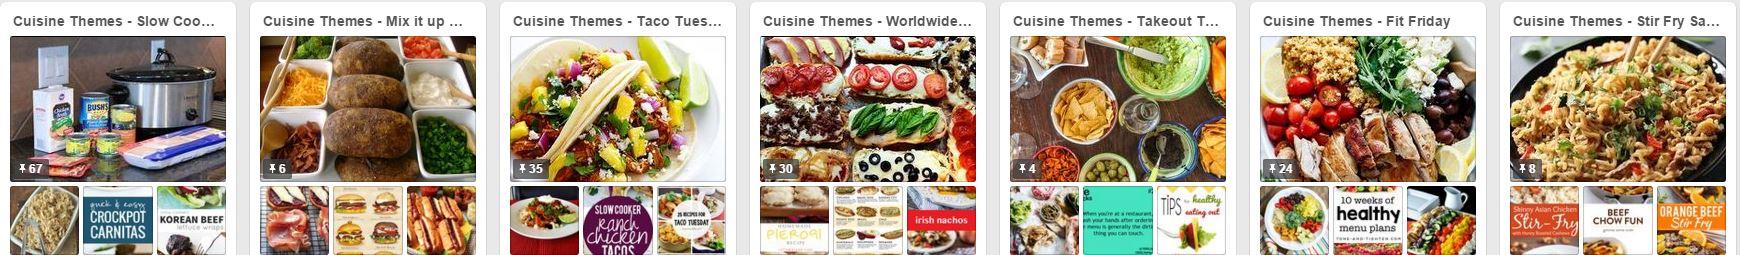 cuisine themes.JPG